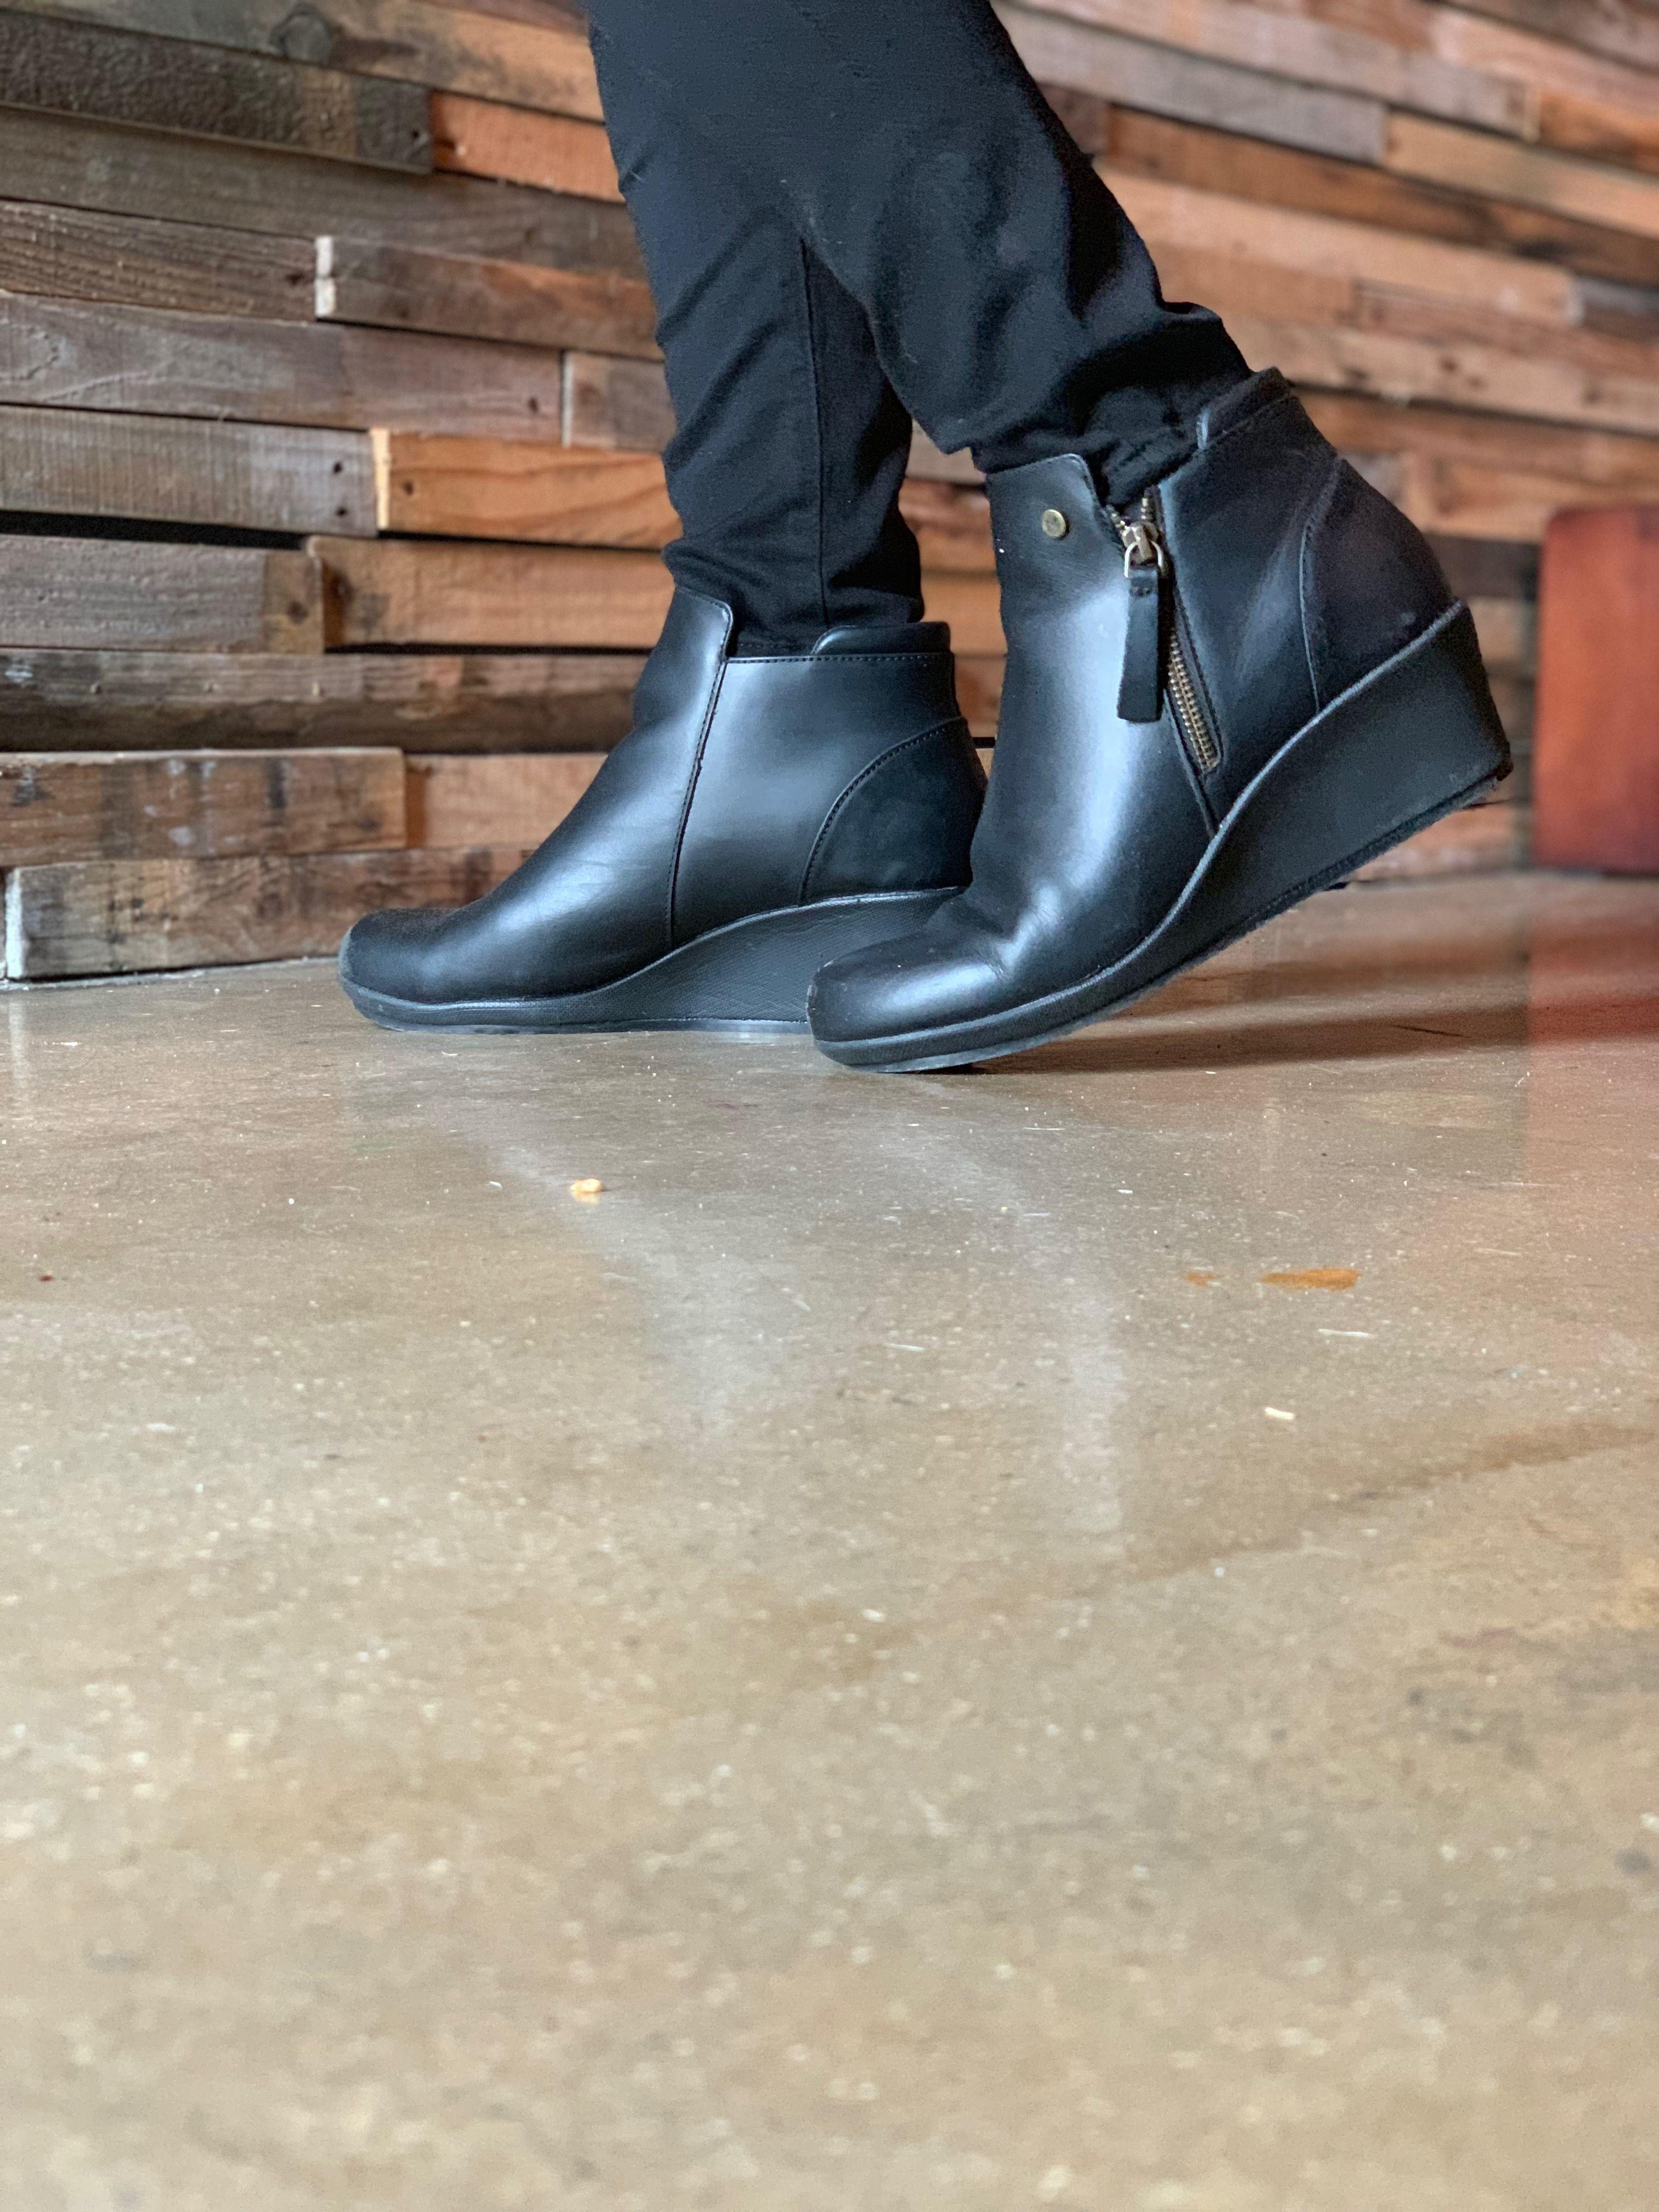 Mozo Lola Black Heels Wedges Wedge Heels Work Best Work Shoes [ 4032 x 3024 Pixel ]